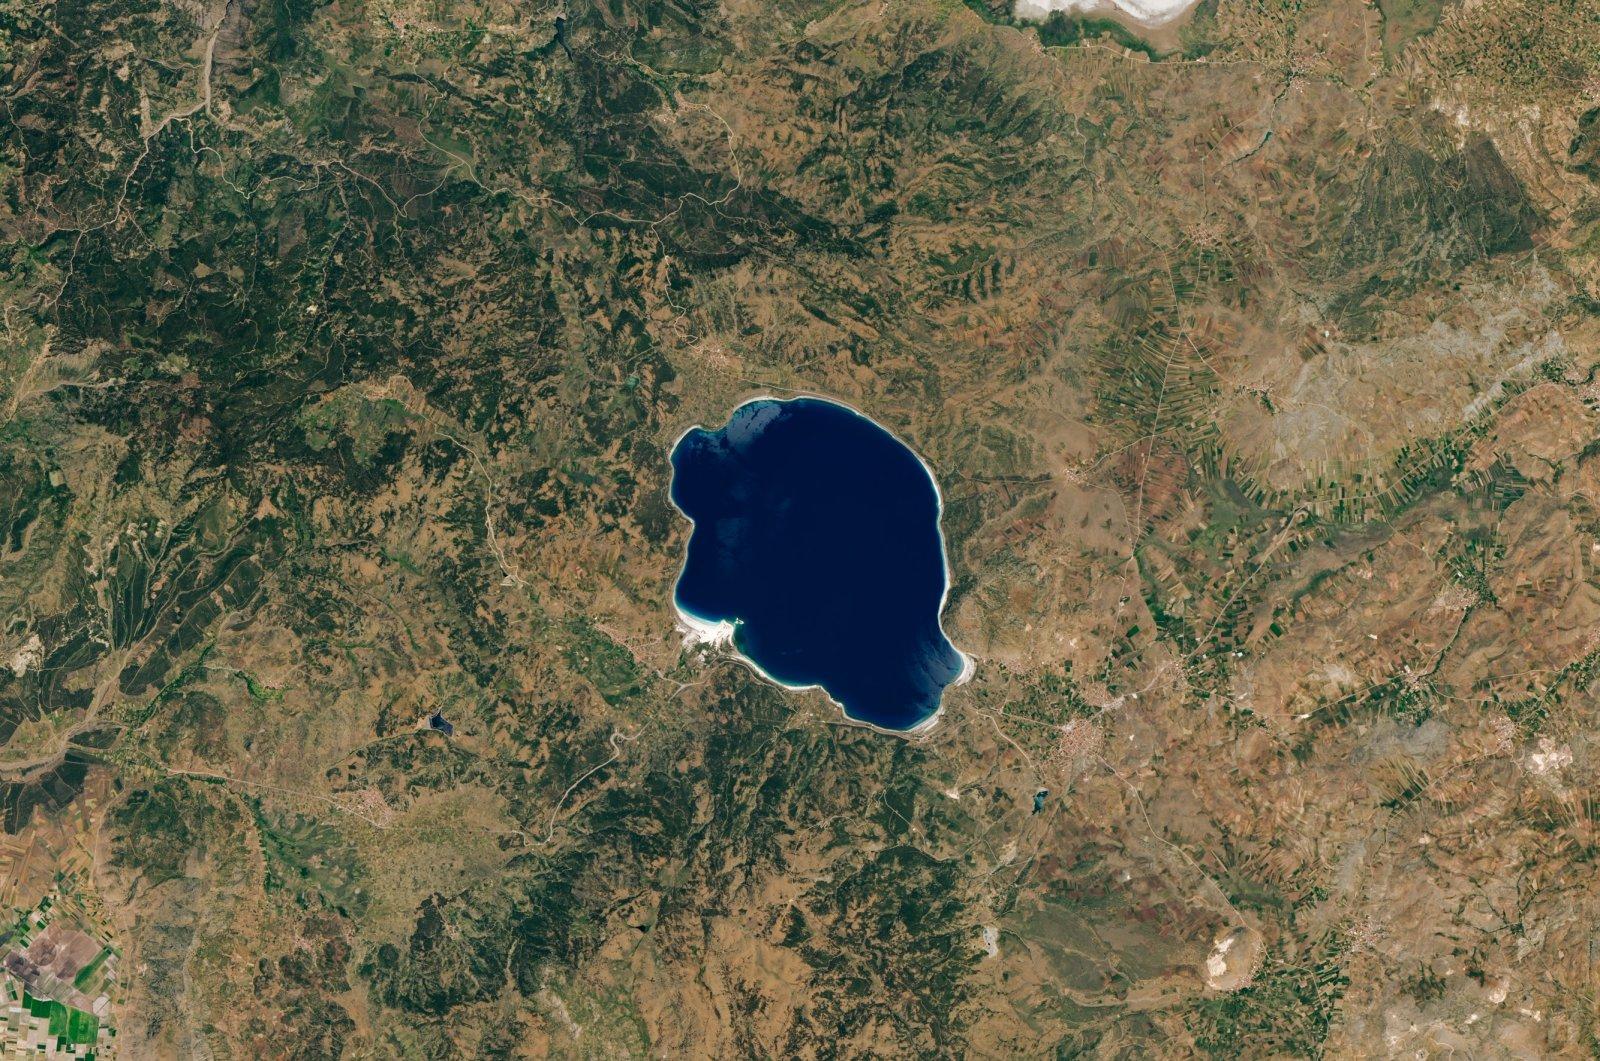 A satellite image captured by the Operational Land Imager (OLI) instrument on Landsat 8 shows Turkey's Lake Salda on June 8, 2020. (Photo: Landsat 8/NASA Earth Observatory)